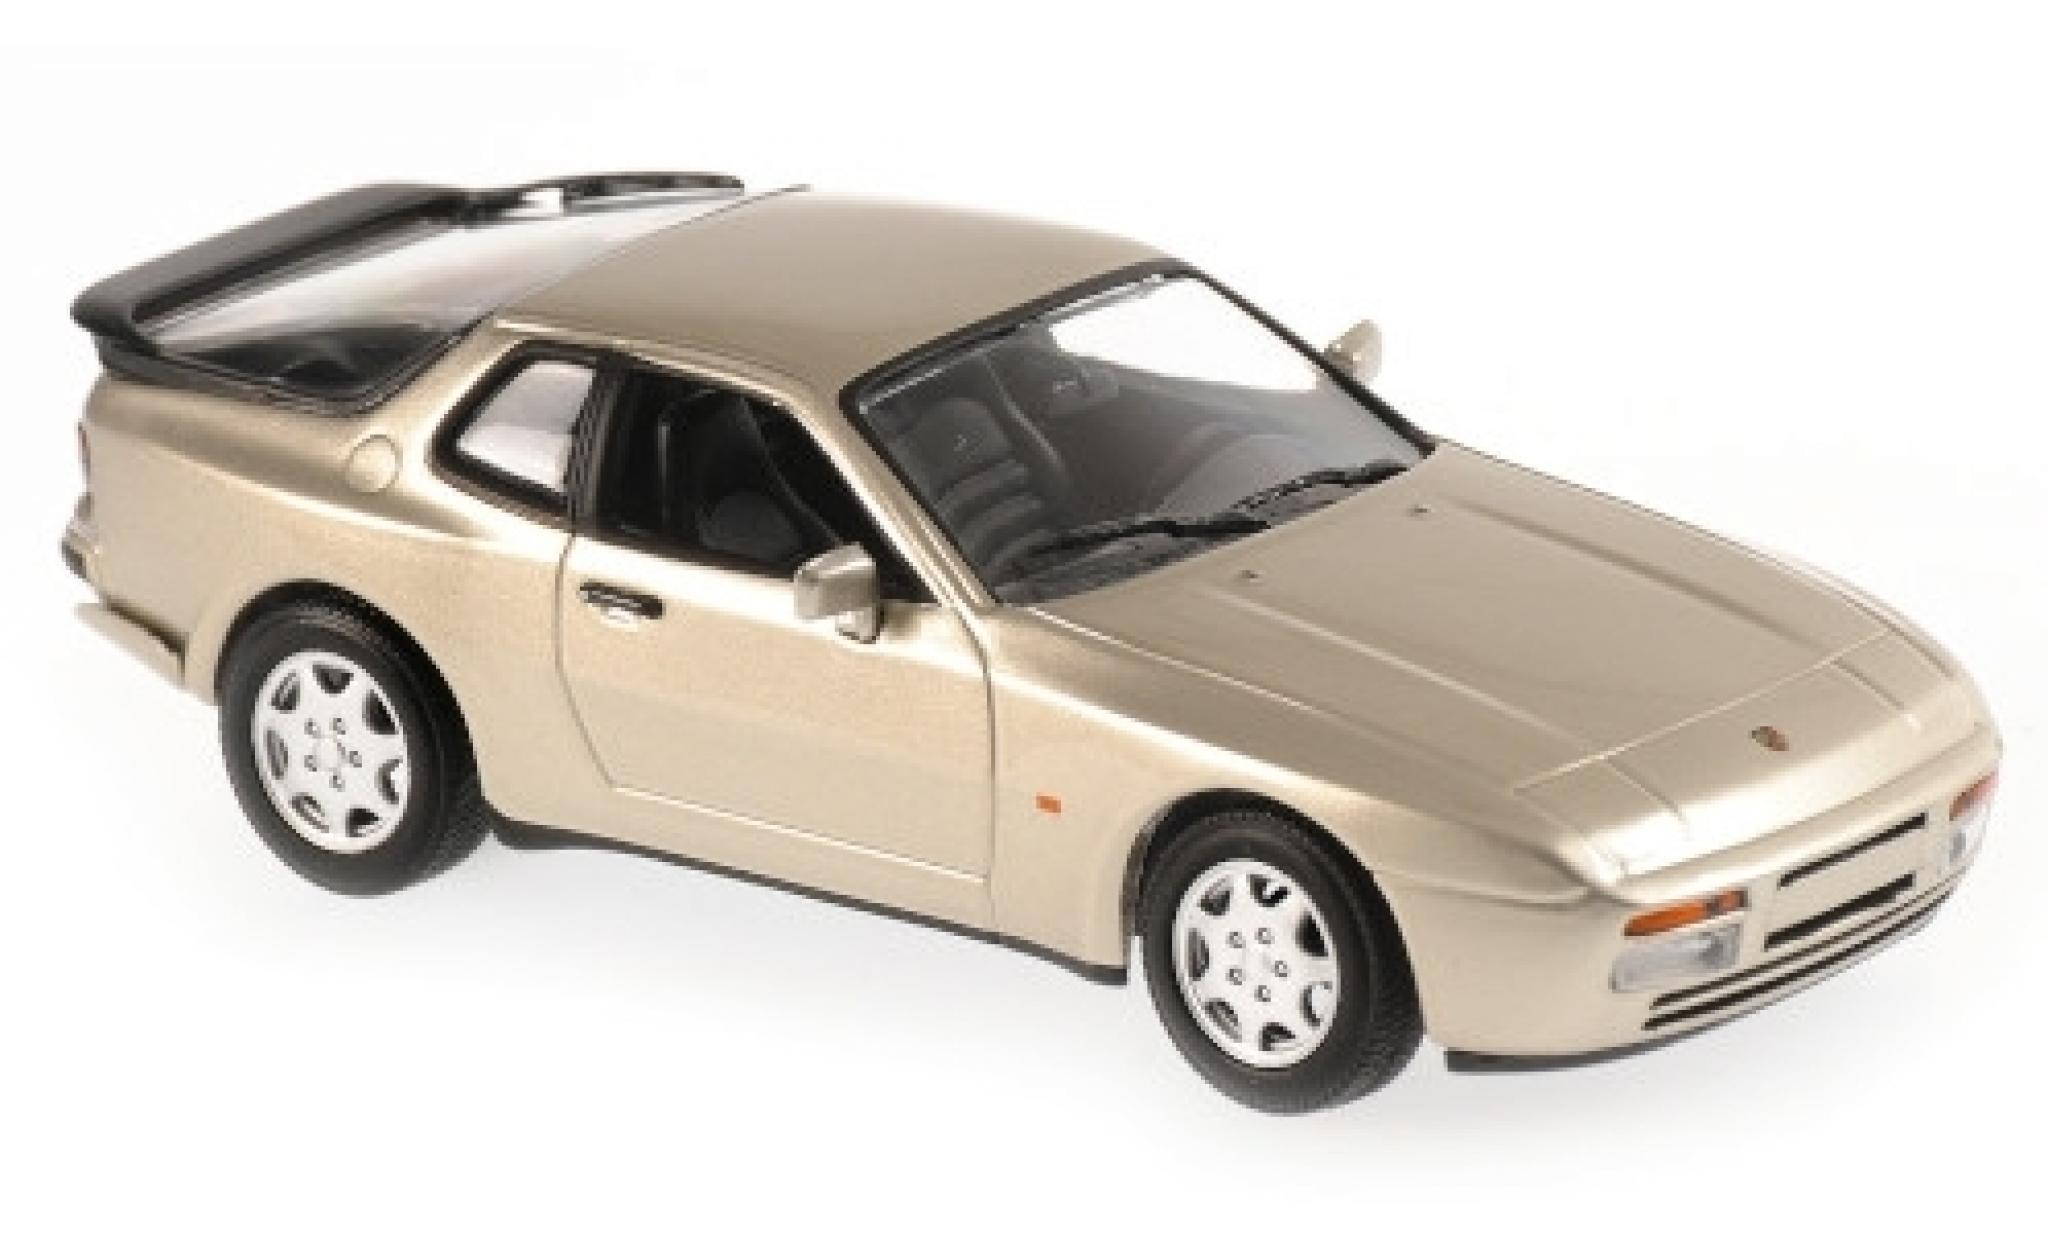 Porsche 944 1/43 Maxichamps S2 metallise beige 1989